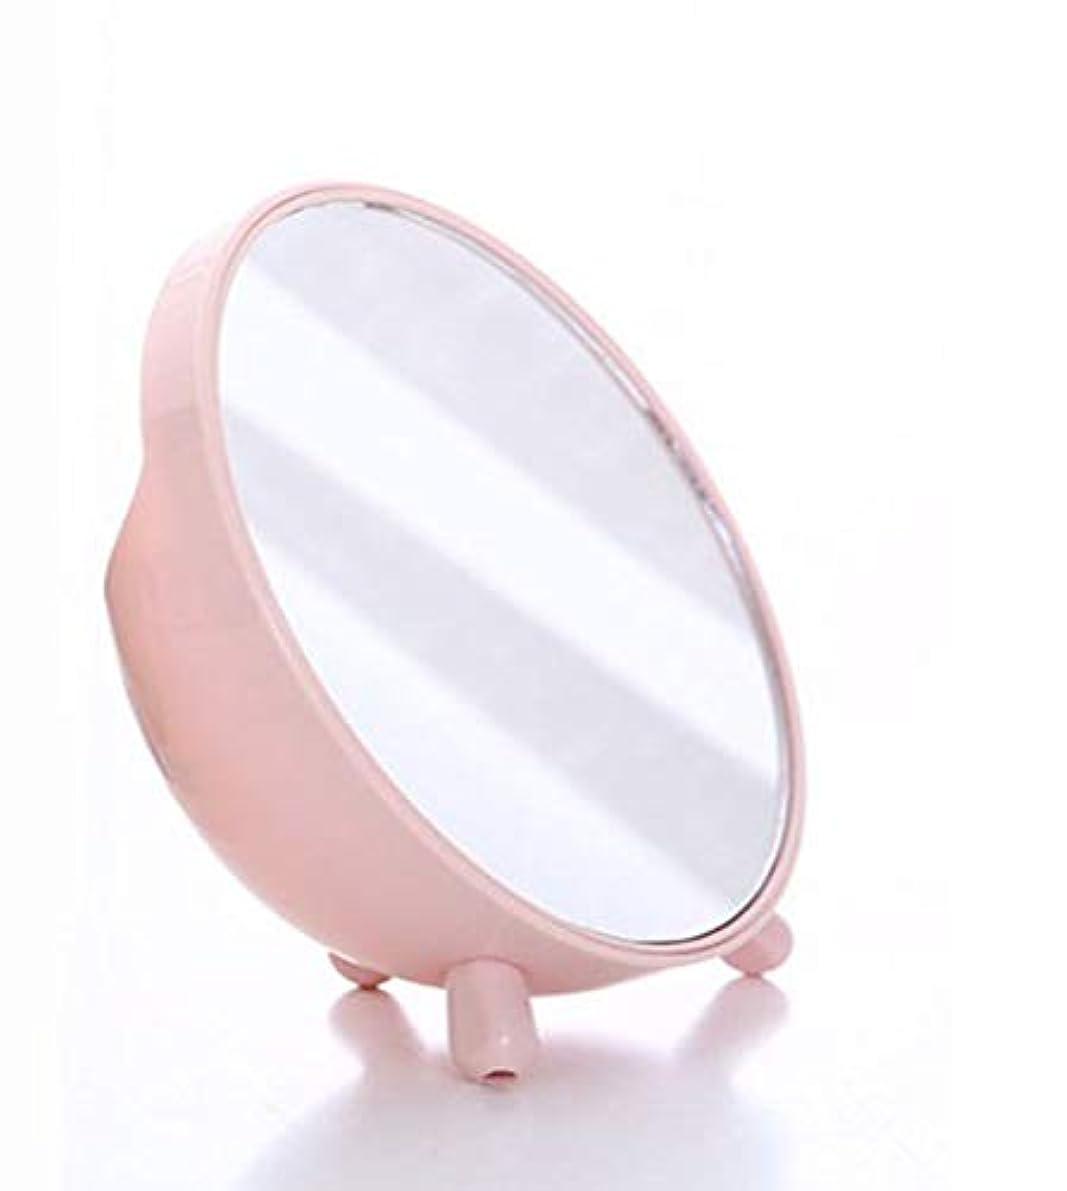 テレビ局キー変える化粧鏡、収納ボックス化粧ギフトとピンクのシンプルなラウンドテーブル化粧鏡